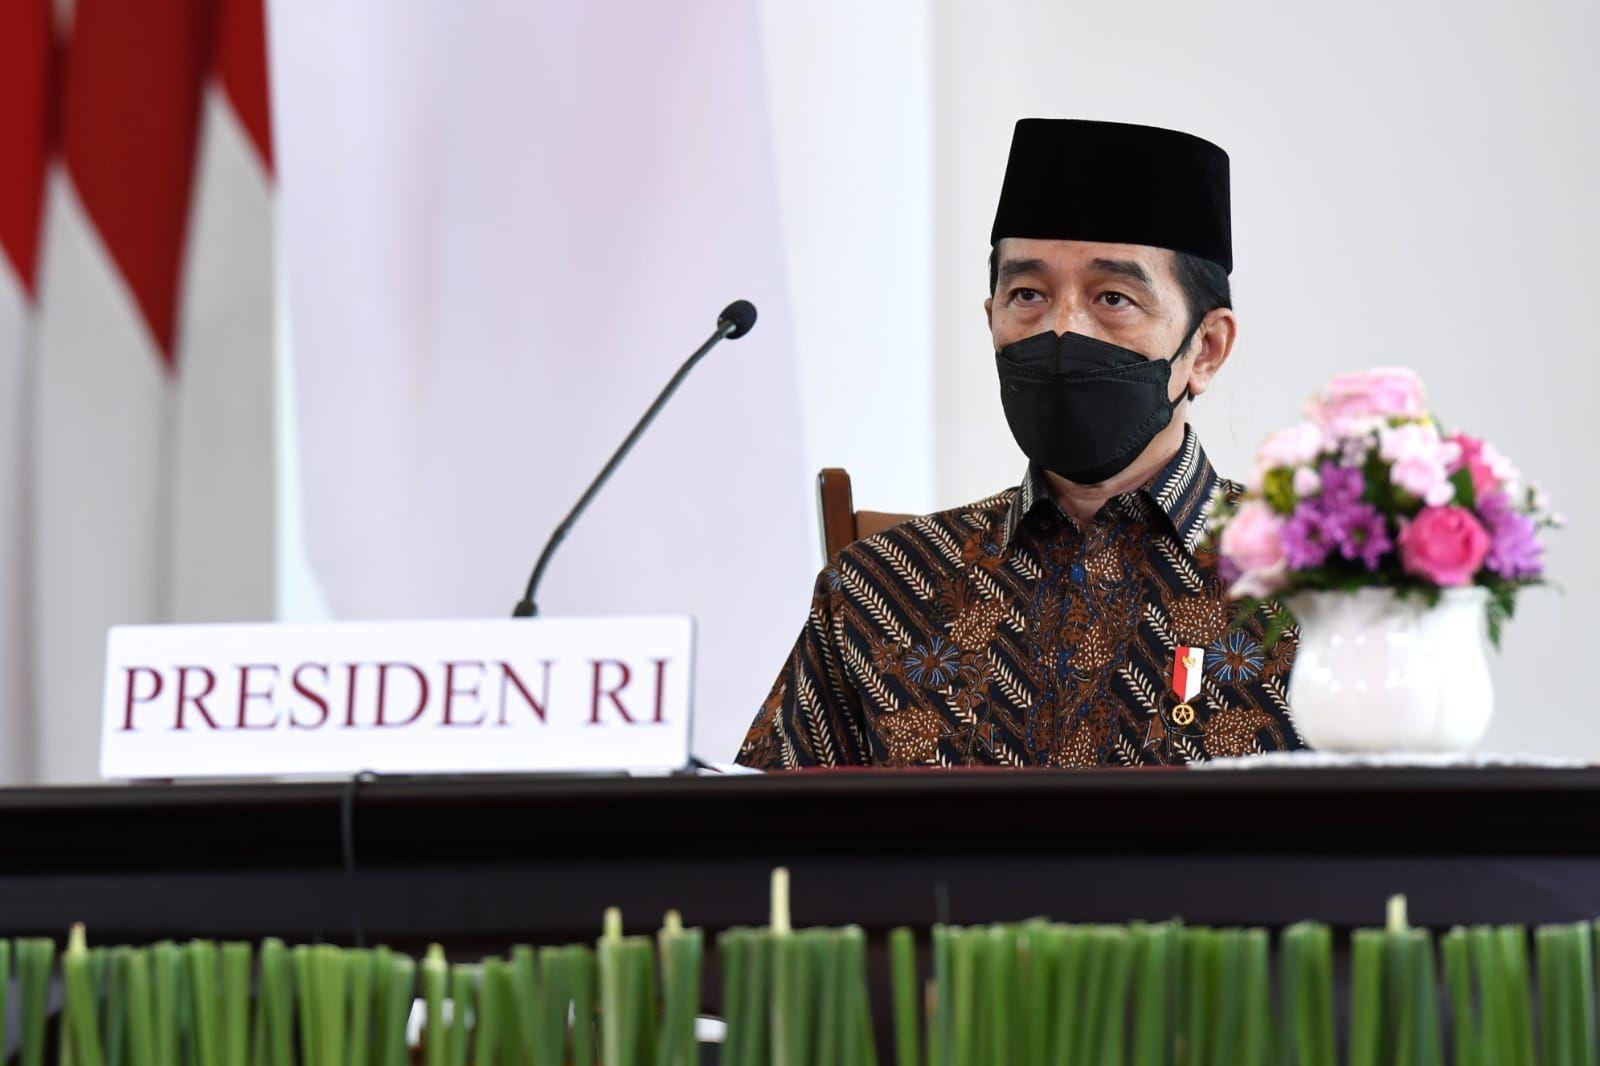 Jokowi Sebut Pihaknya Tak Bisa Atasi Covid-19 Sendirian, Aktivis ProDEM: Sudah Seharusnya Rakyat Ambil Alih Pemerintahan!